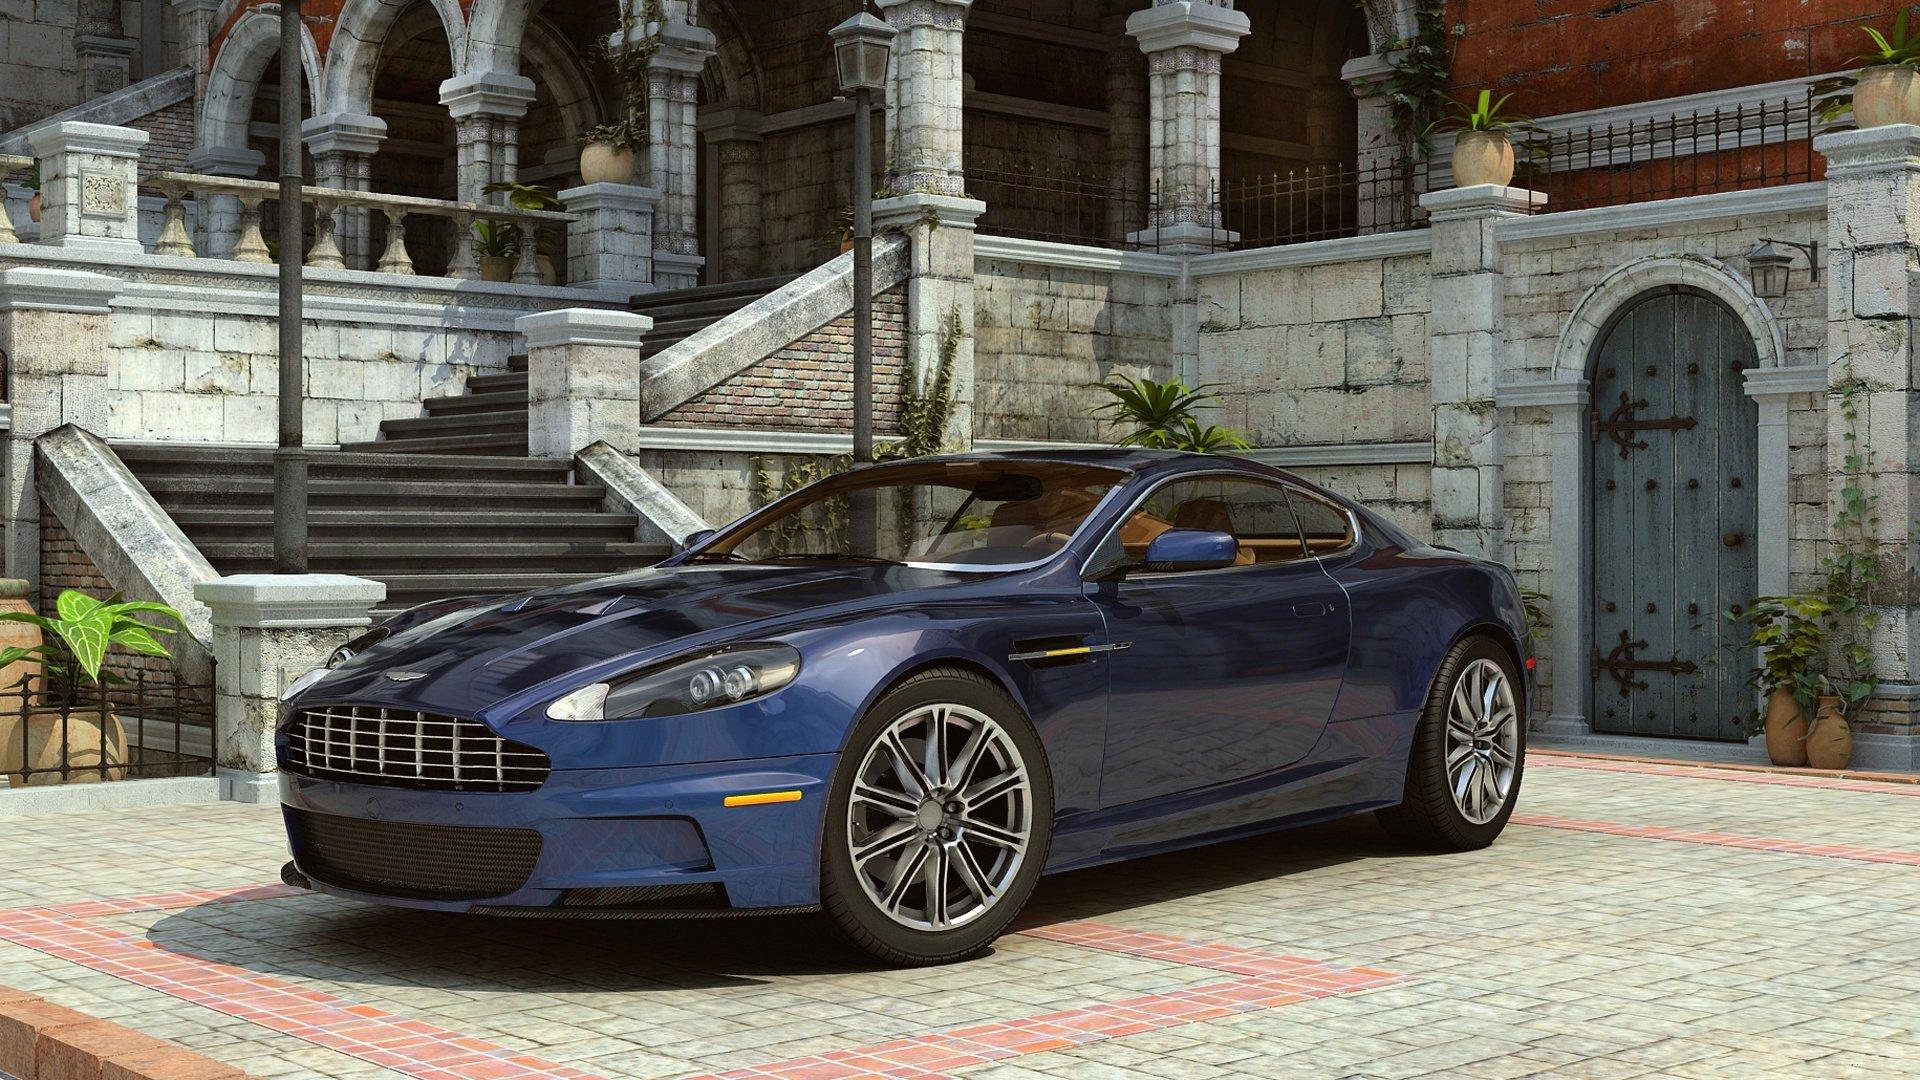 Aston Martin Dbs Fondo De Pantalla Hd Fondo De Escritorio